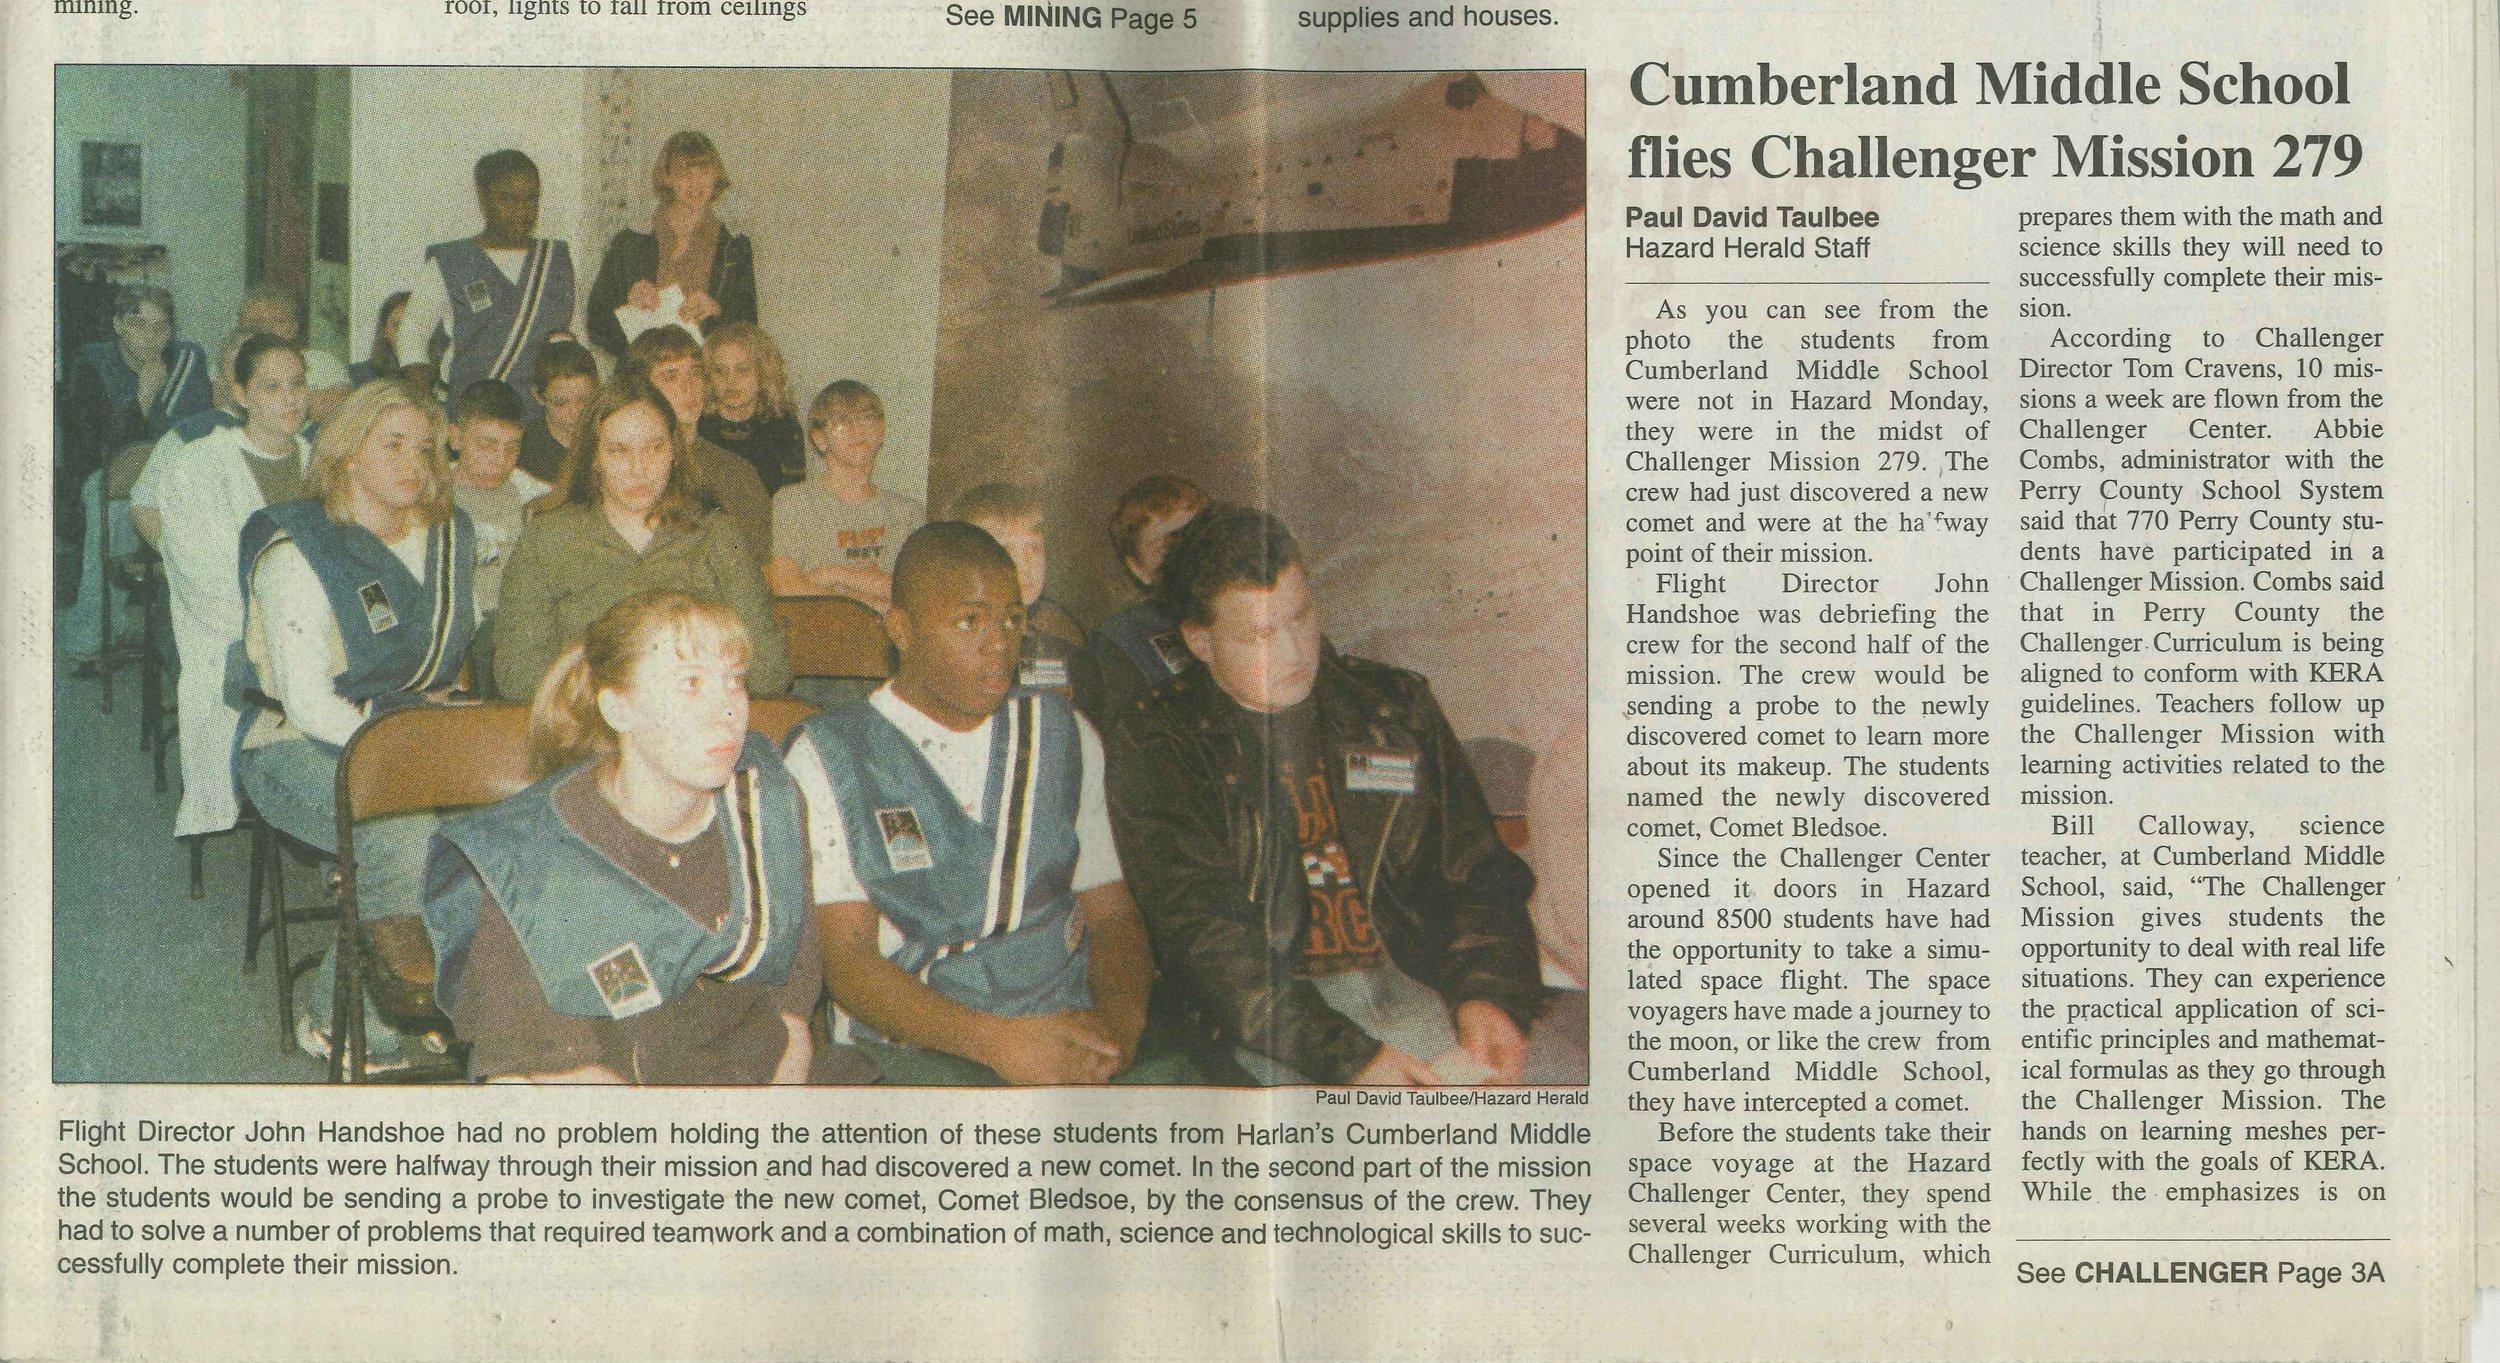 2000-03-15 Hazard Herald Cumberland Middle School flies Challenger Mission 279.jpg